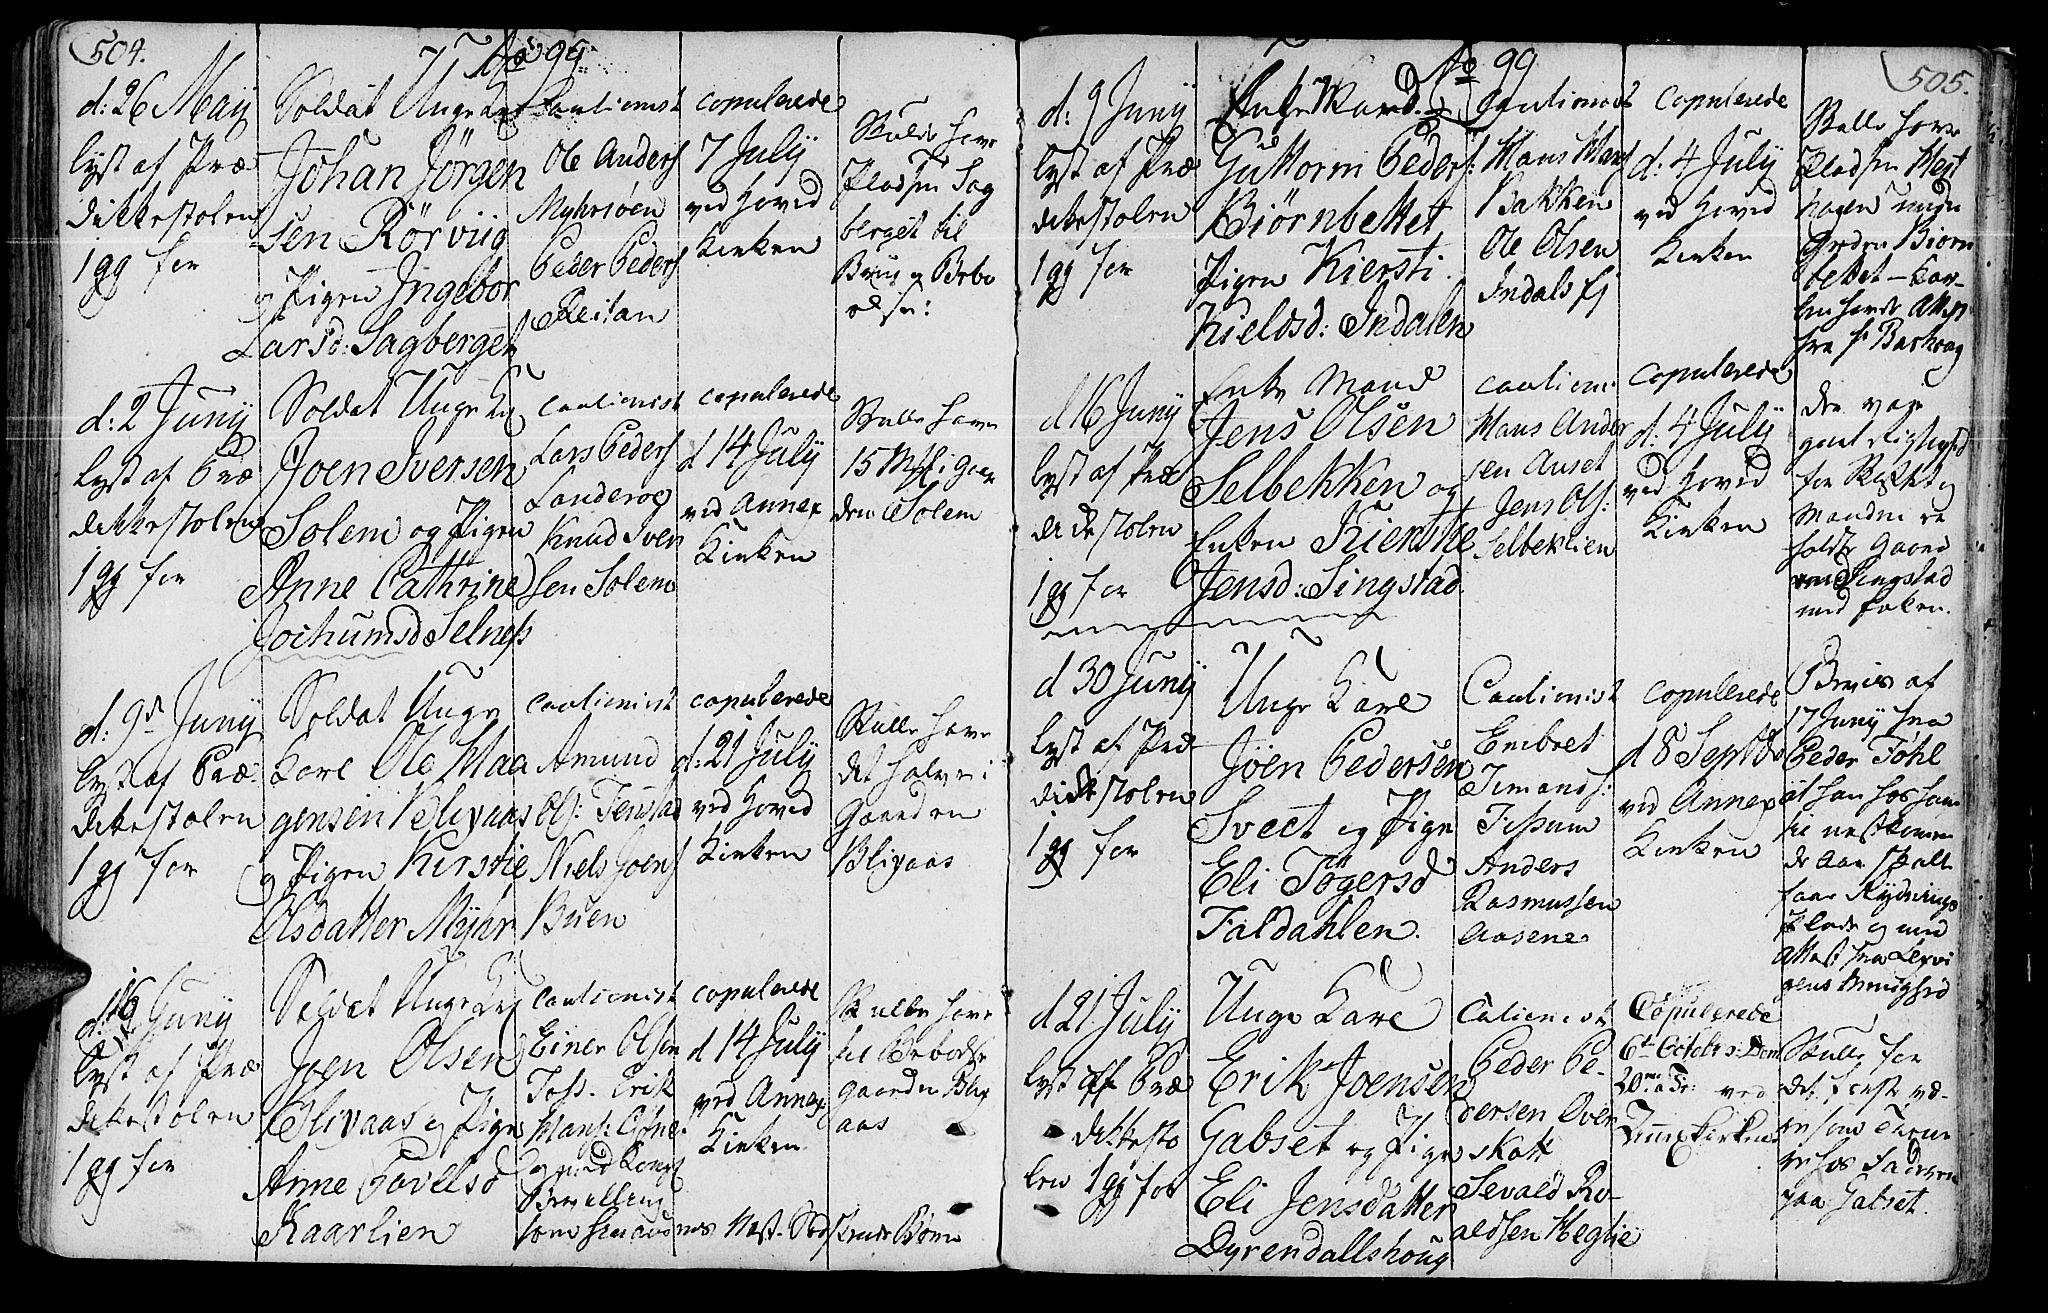 SAT, Ministerialprotokoller, klokkerbøker og fødselsregistre - Sør-Trøndelag, 646/L0606: Ministerialbok nr. 646A04, 1791-1805, s. 504-505